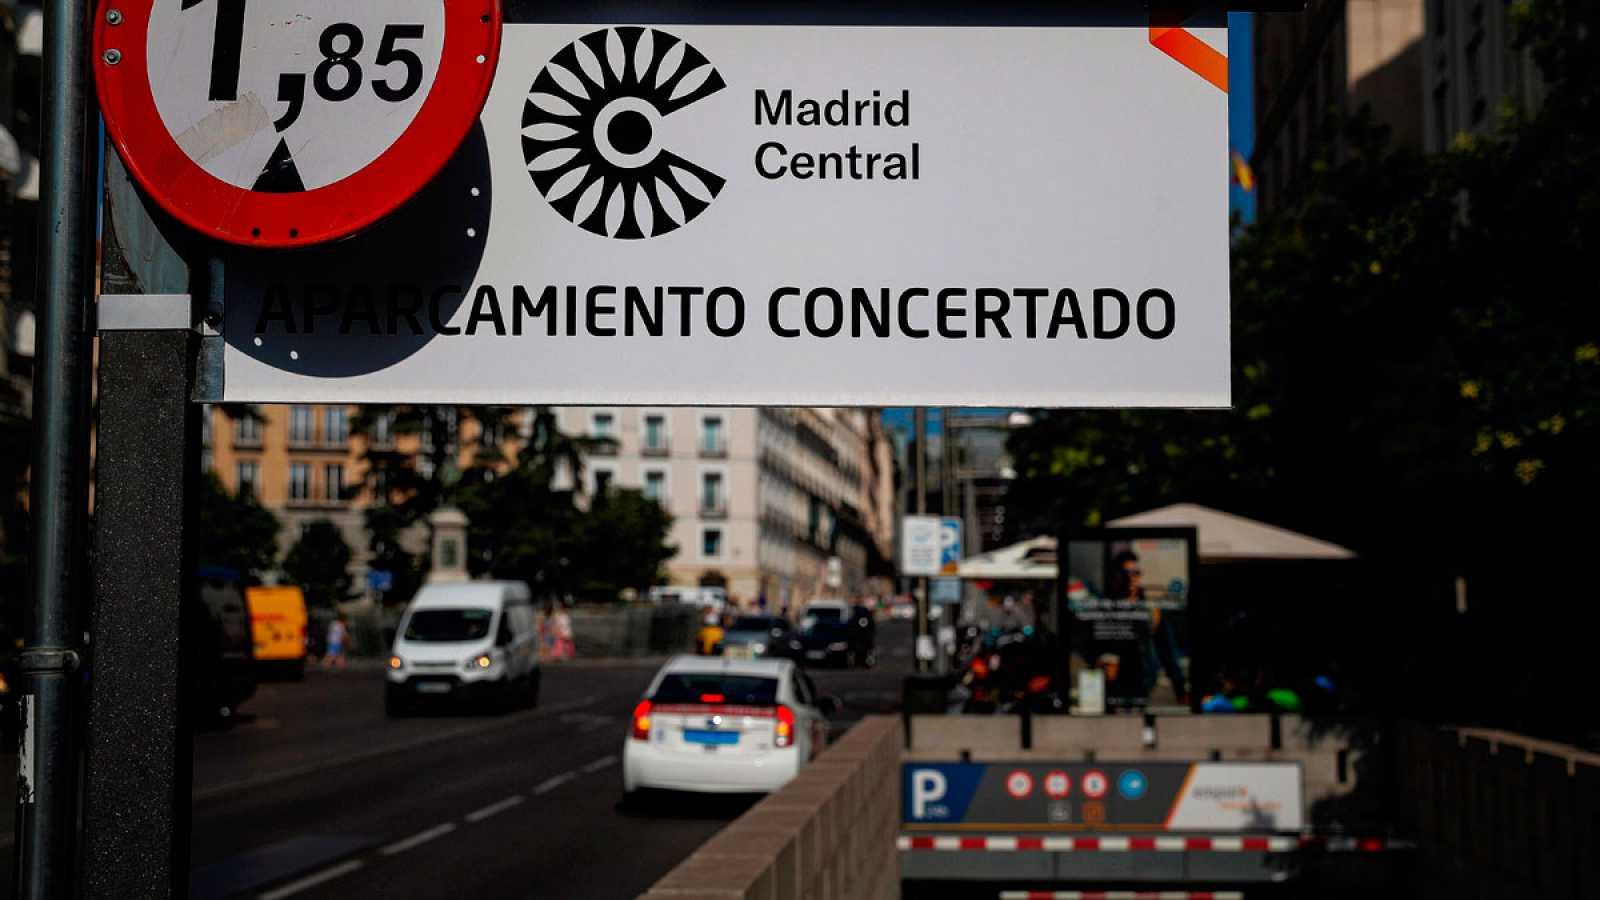 El Ayuntamiento de Madridpermitirá circular libremente a los coches con distintivo medioambiental Cpor el área de restricción de emisiones en el centro de la ciudad siempre y cuando viajen conal menos dos ocupantes.El gobierno municipal suaviza a